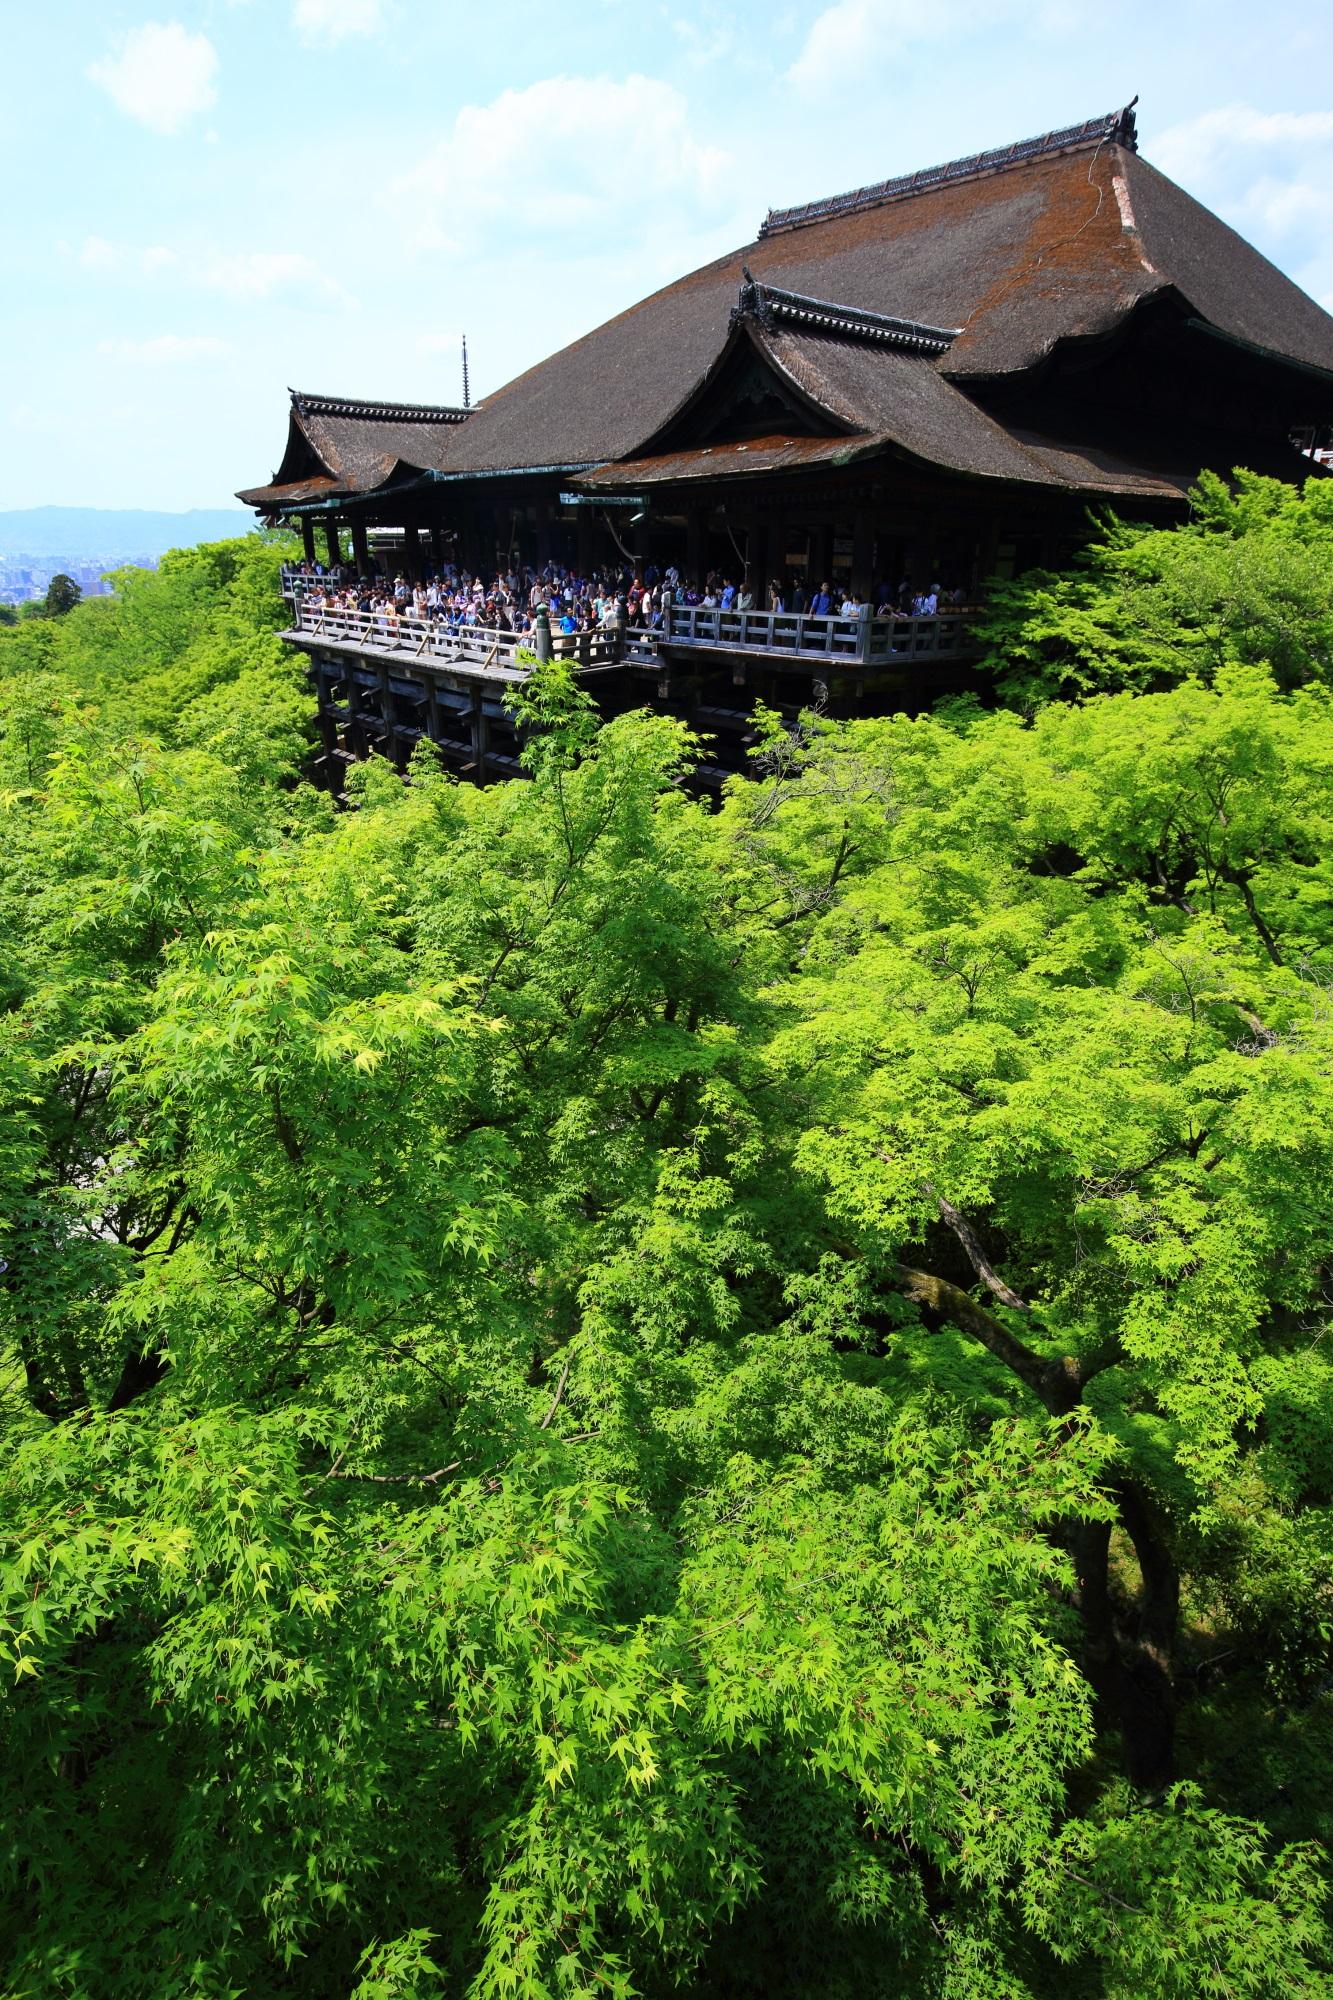 清水寺の清水の舞台と鮮やかな新緑